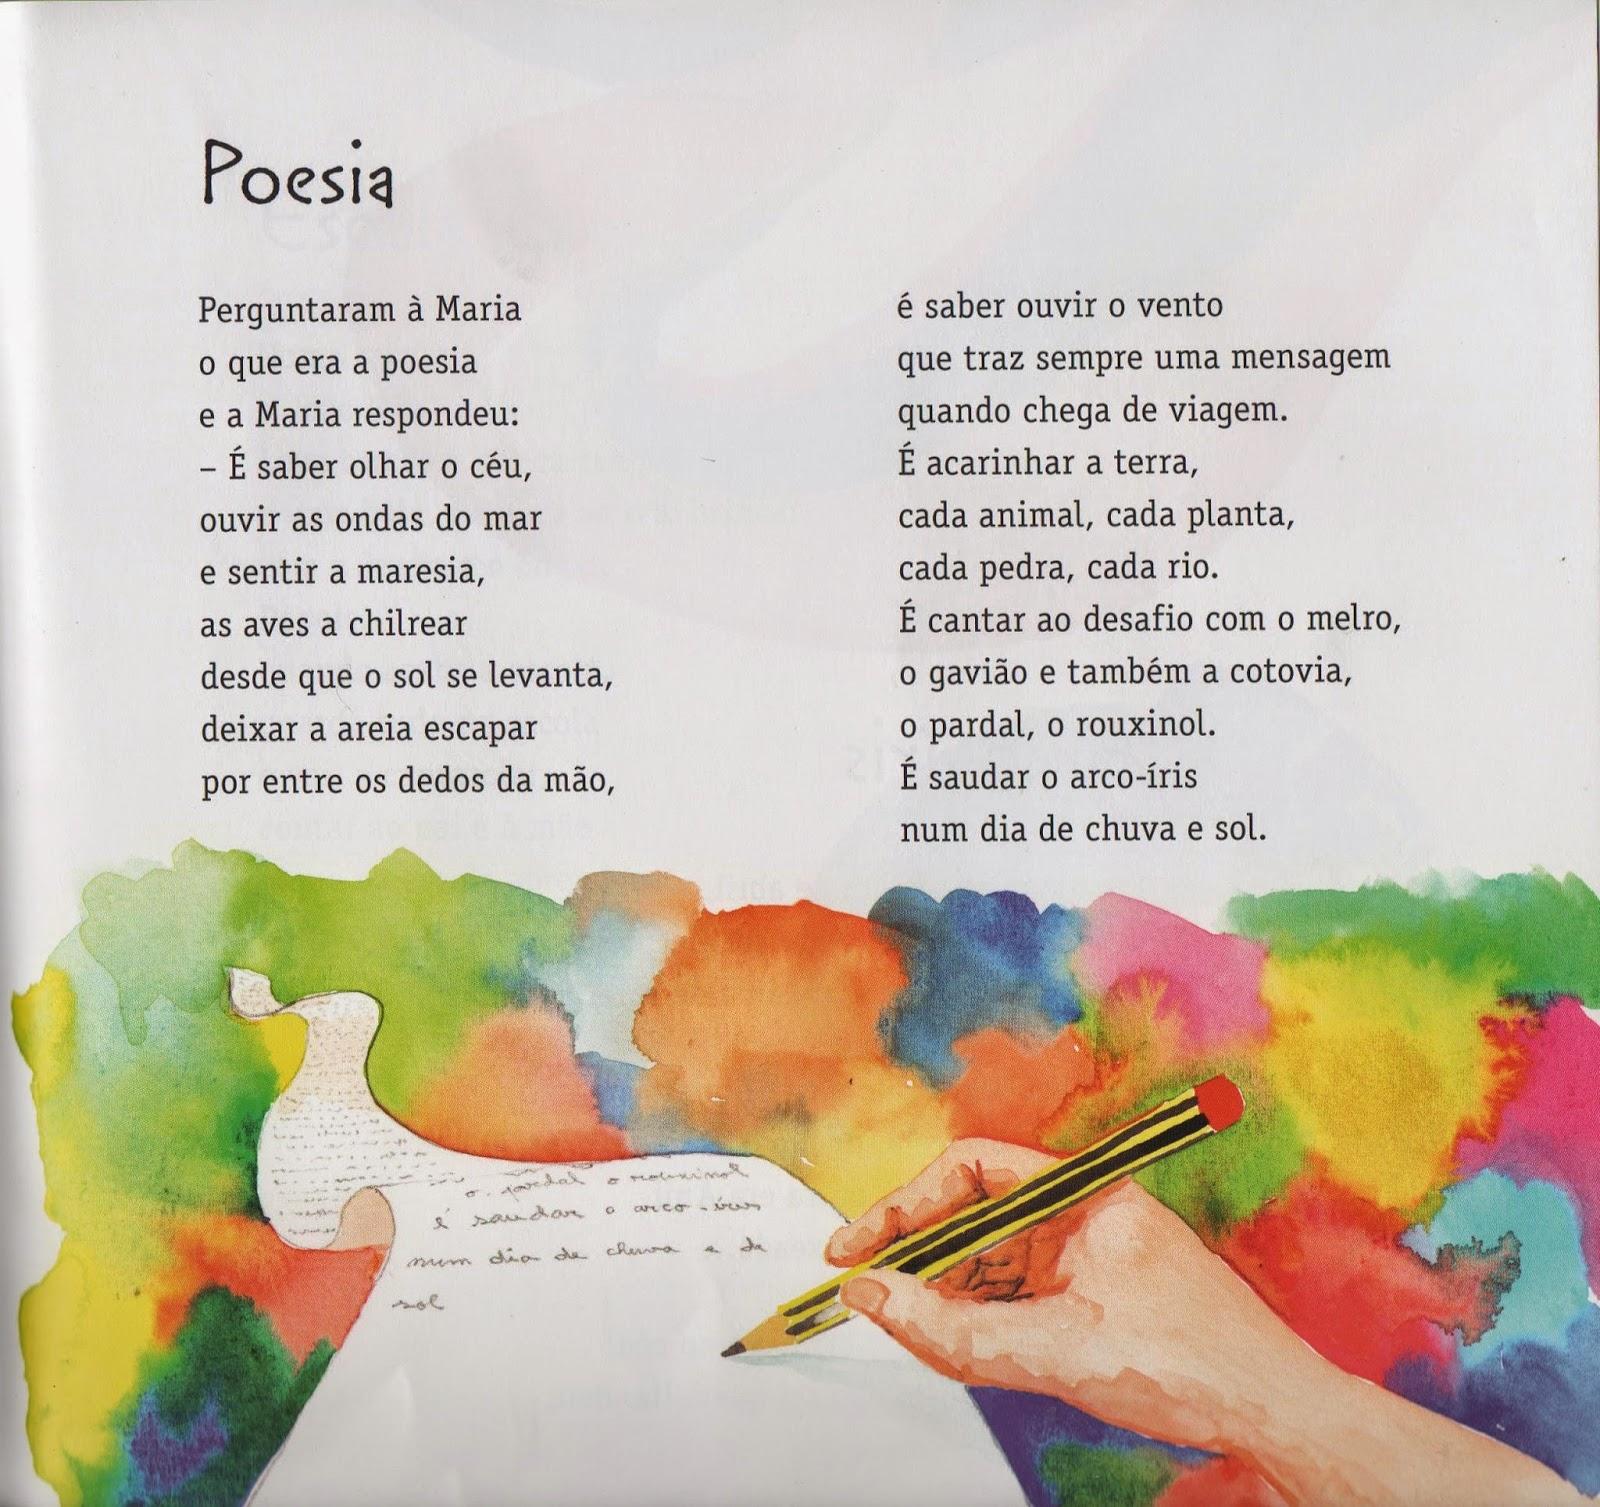 Resultado de imagem para ciencia para meninos em poemas pequeninos